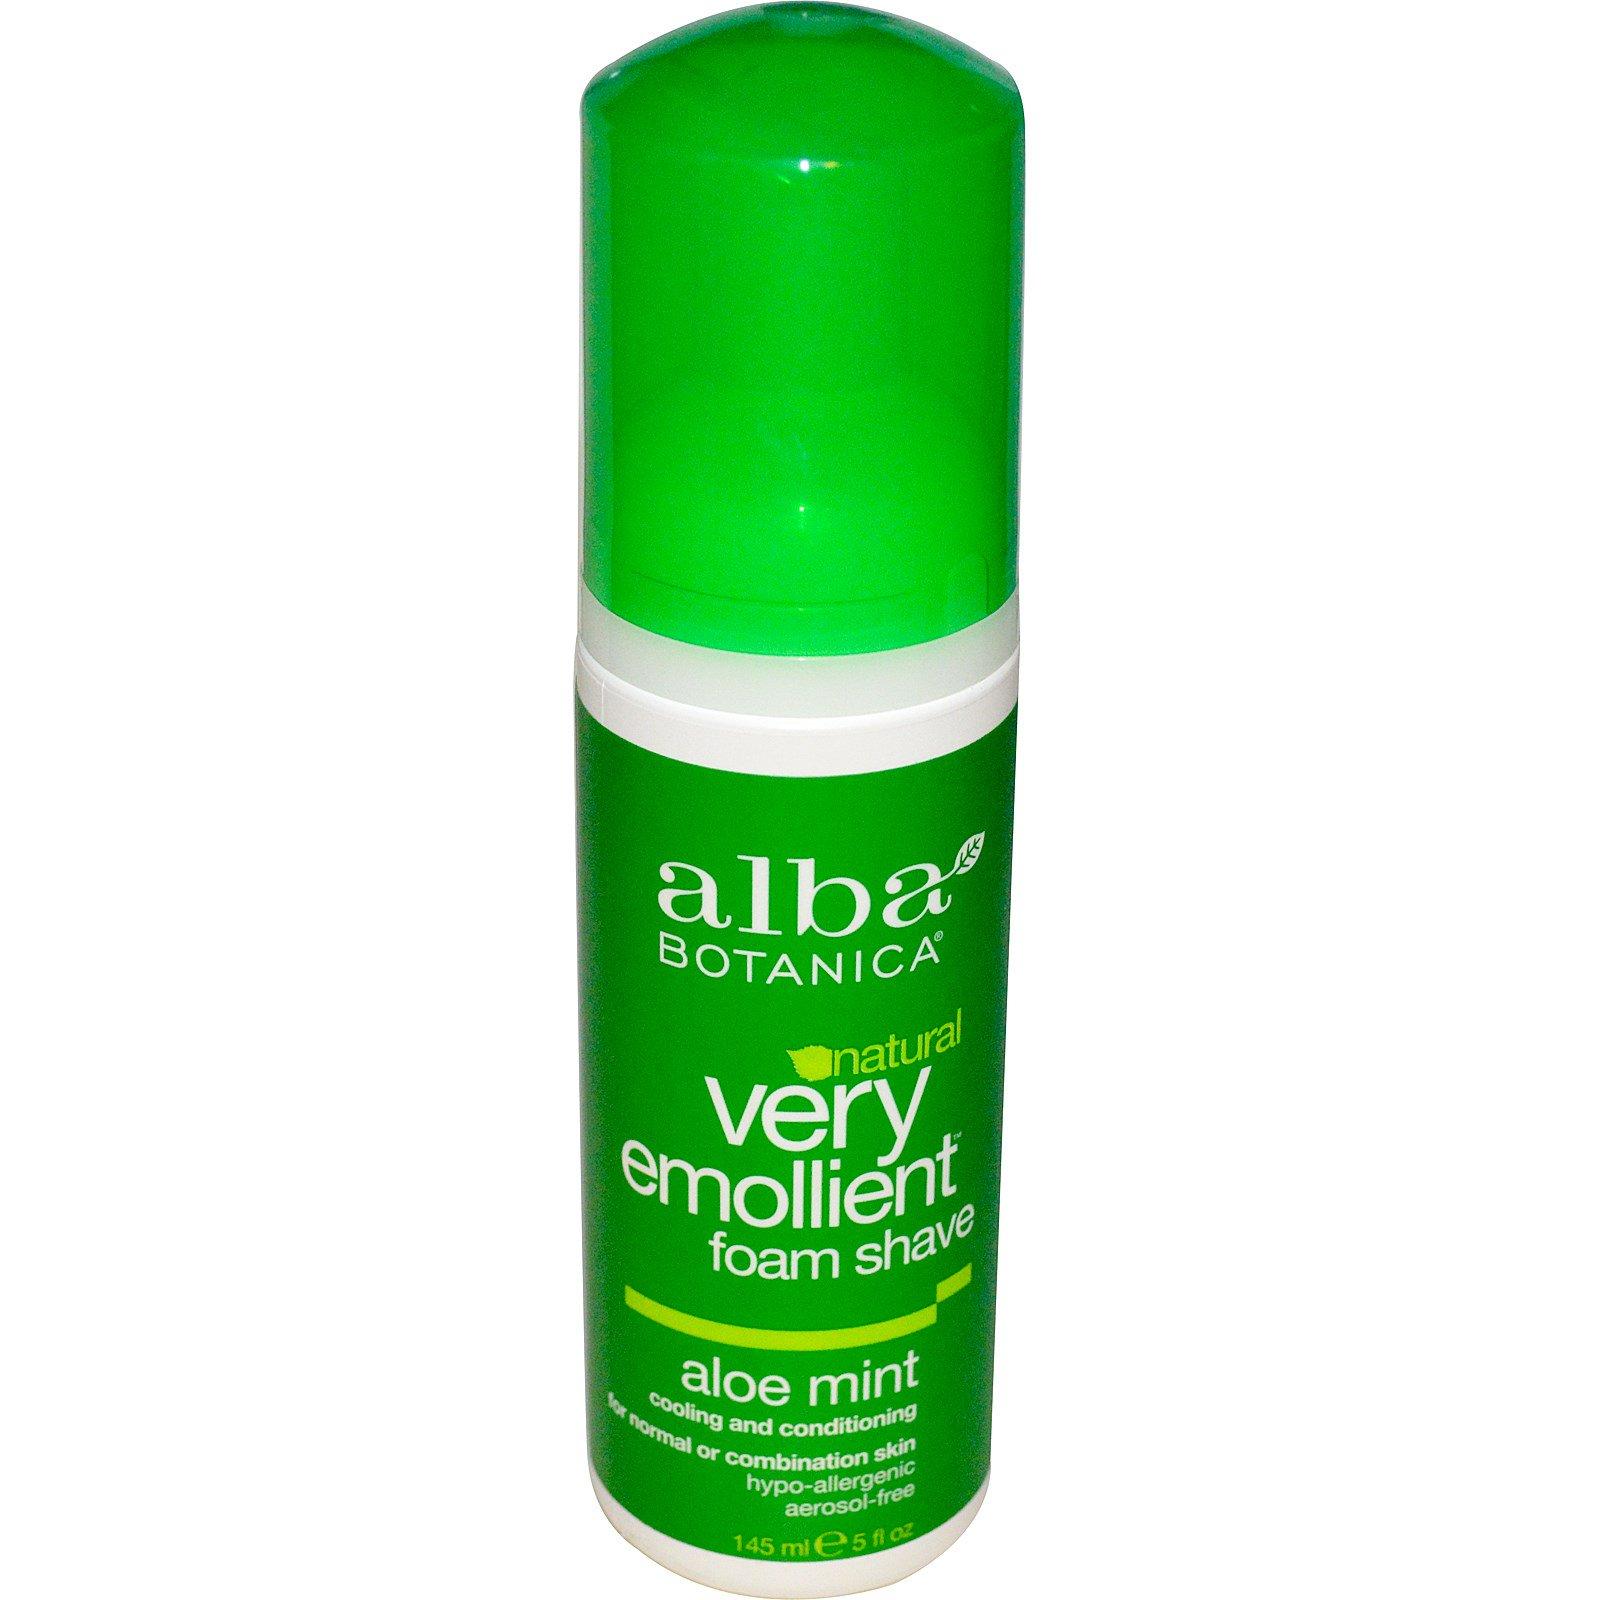 Alba Botanica, Смягчающая натуральная пена для бритья, суперувлажняющая, мятное алое, 145 мл (5 жидких унций)